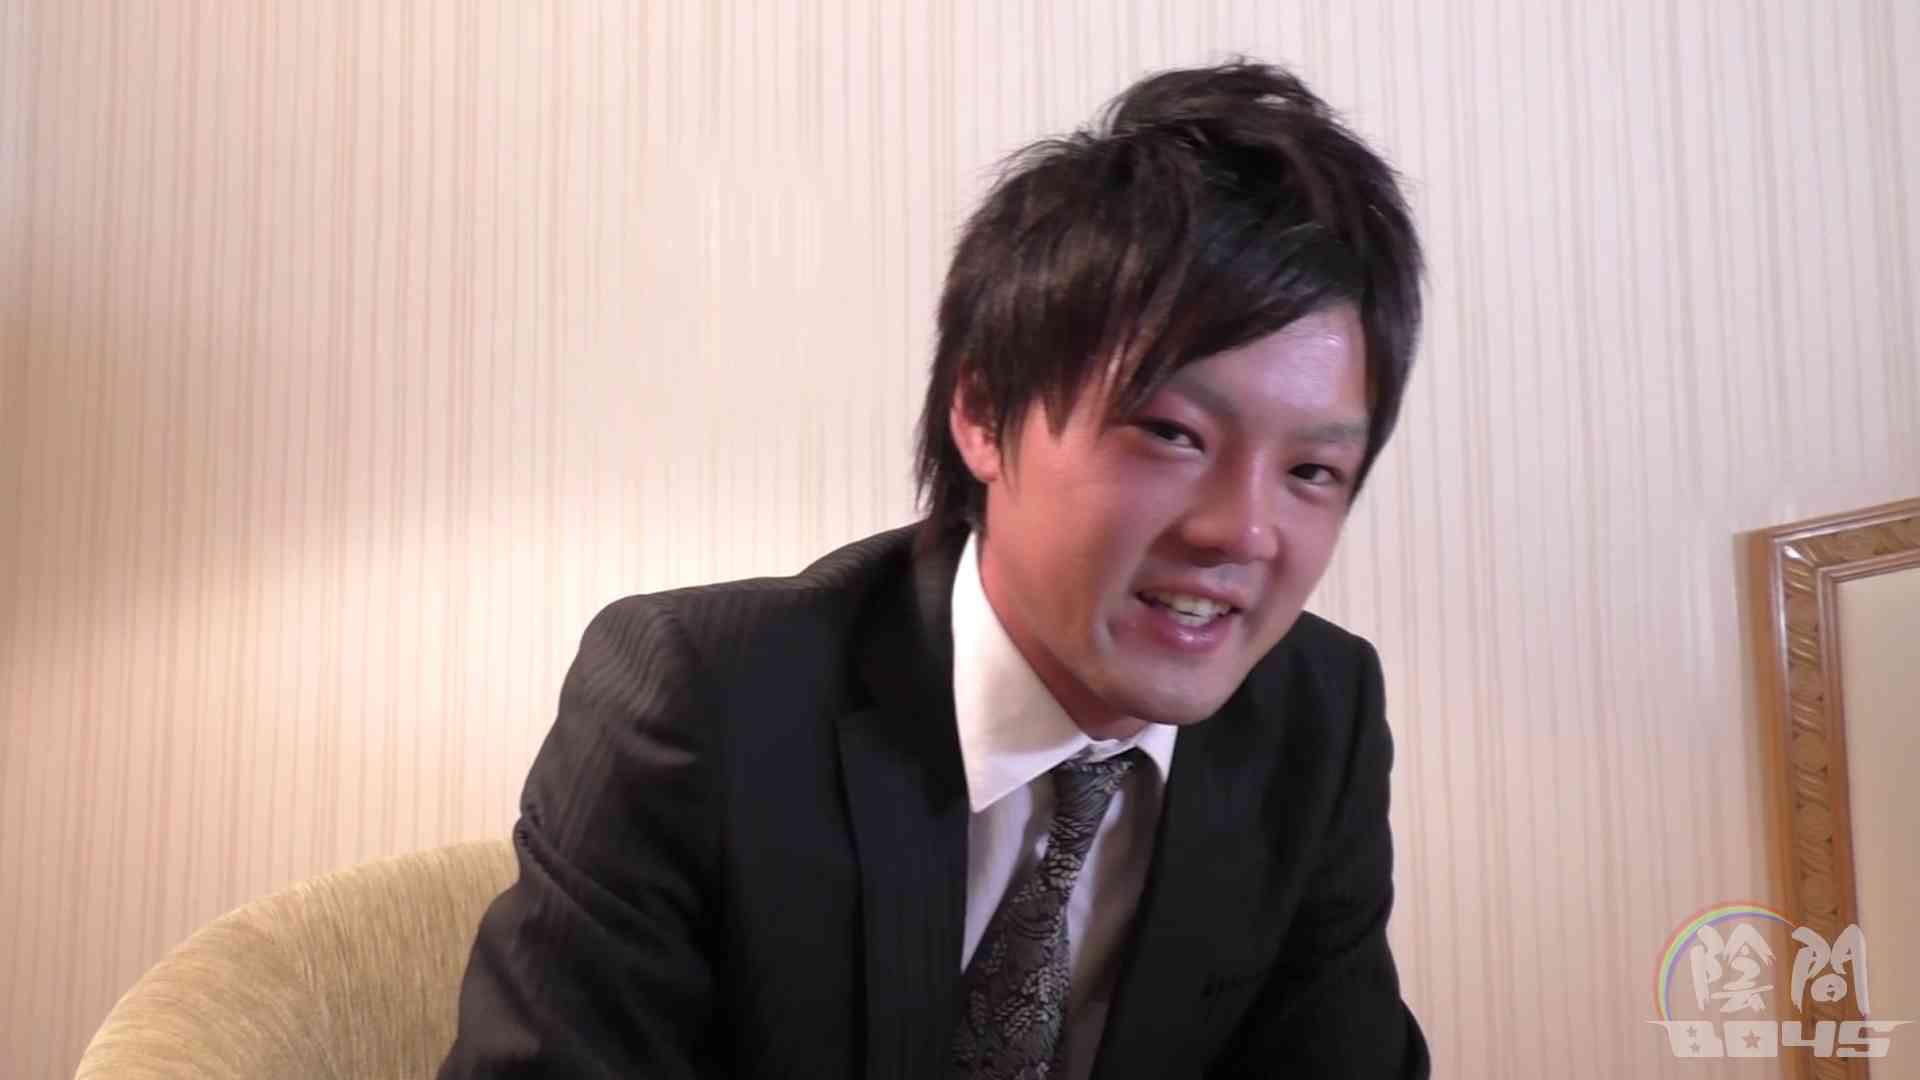 """キャバクラの仕事は""""アナル""""から1 Vol.03 オナニー ゲイ無修正画像 76pic 74"""